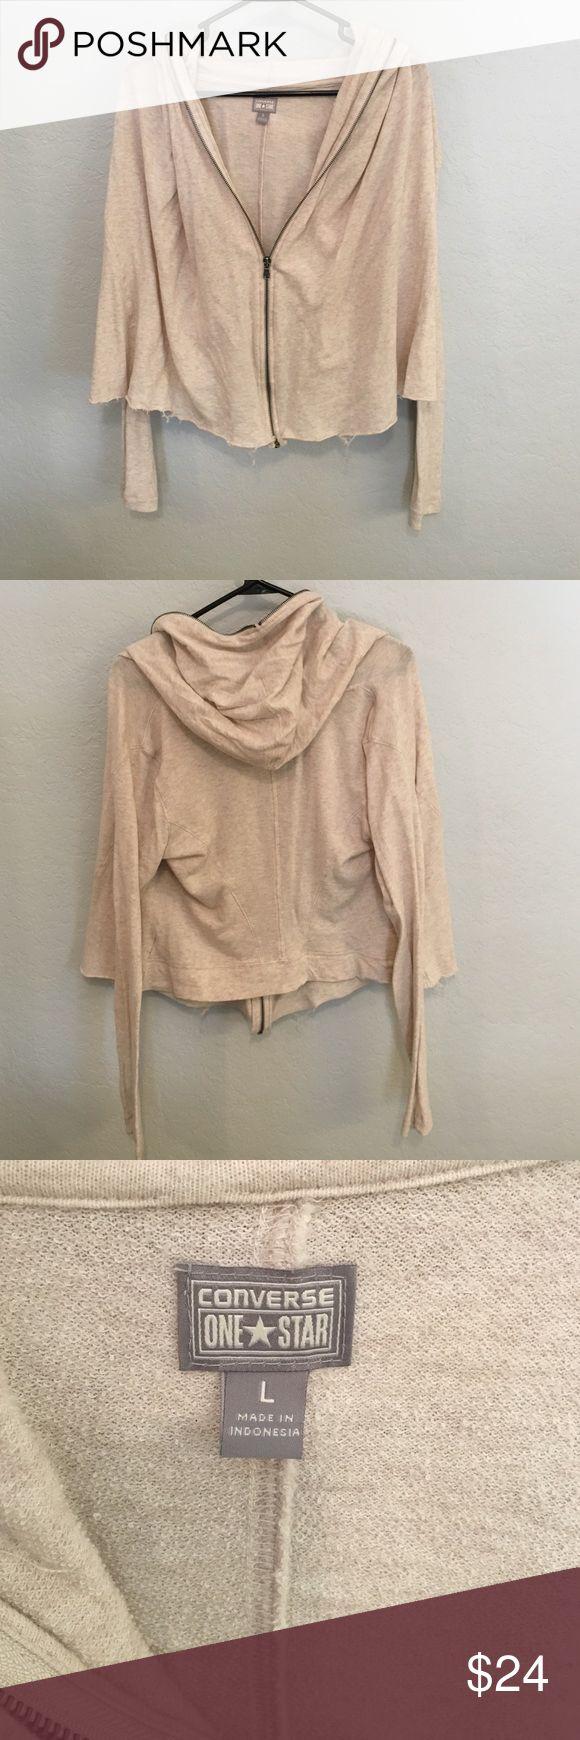 Converse zip hoodie Converse zip hoodie, size large. Oatmeal color. Raw hem by manufacturer. Converse Tops Sweatshirts & Hoodies